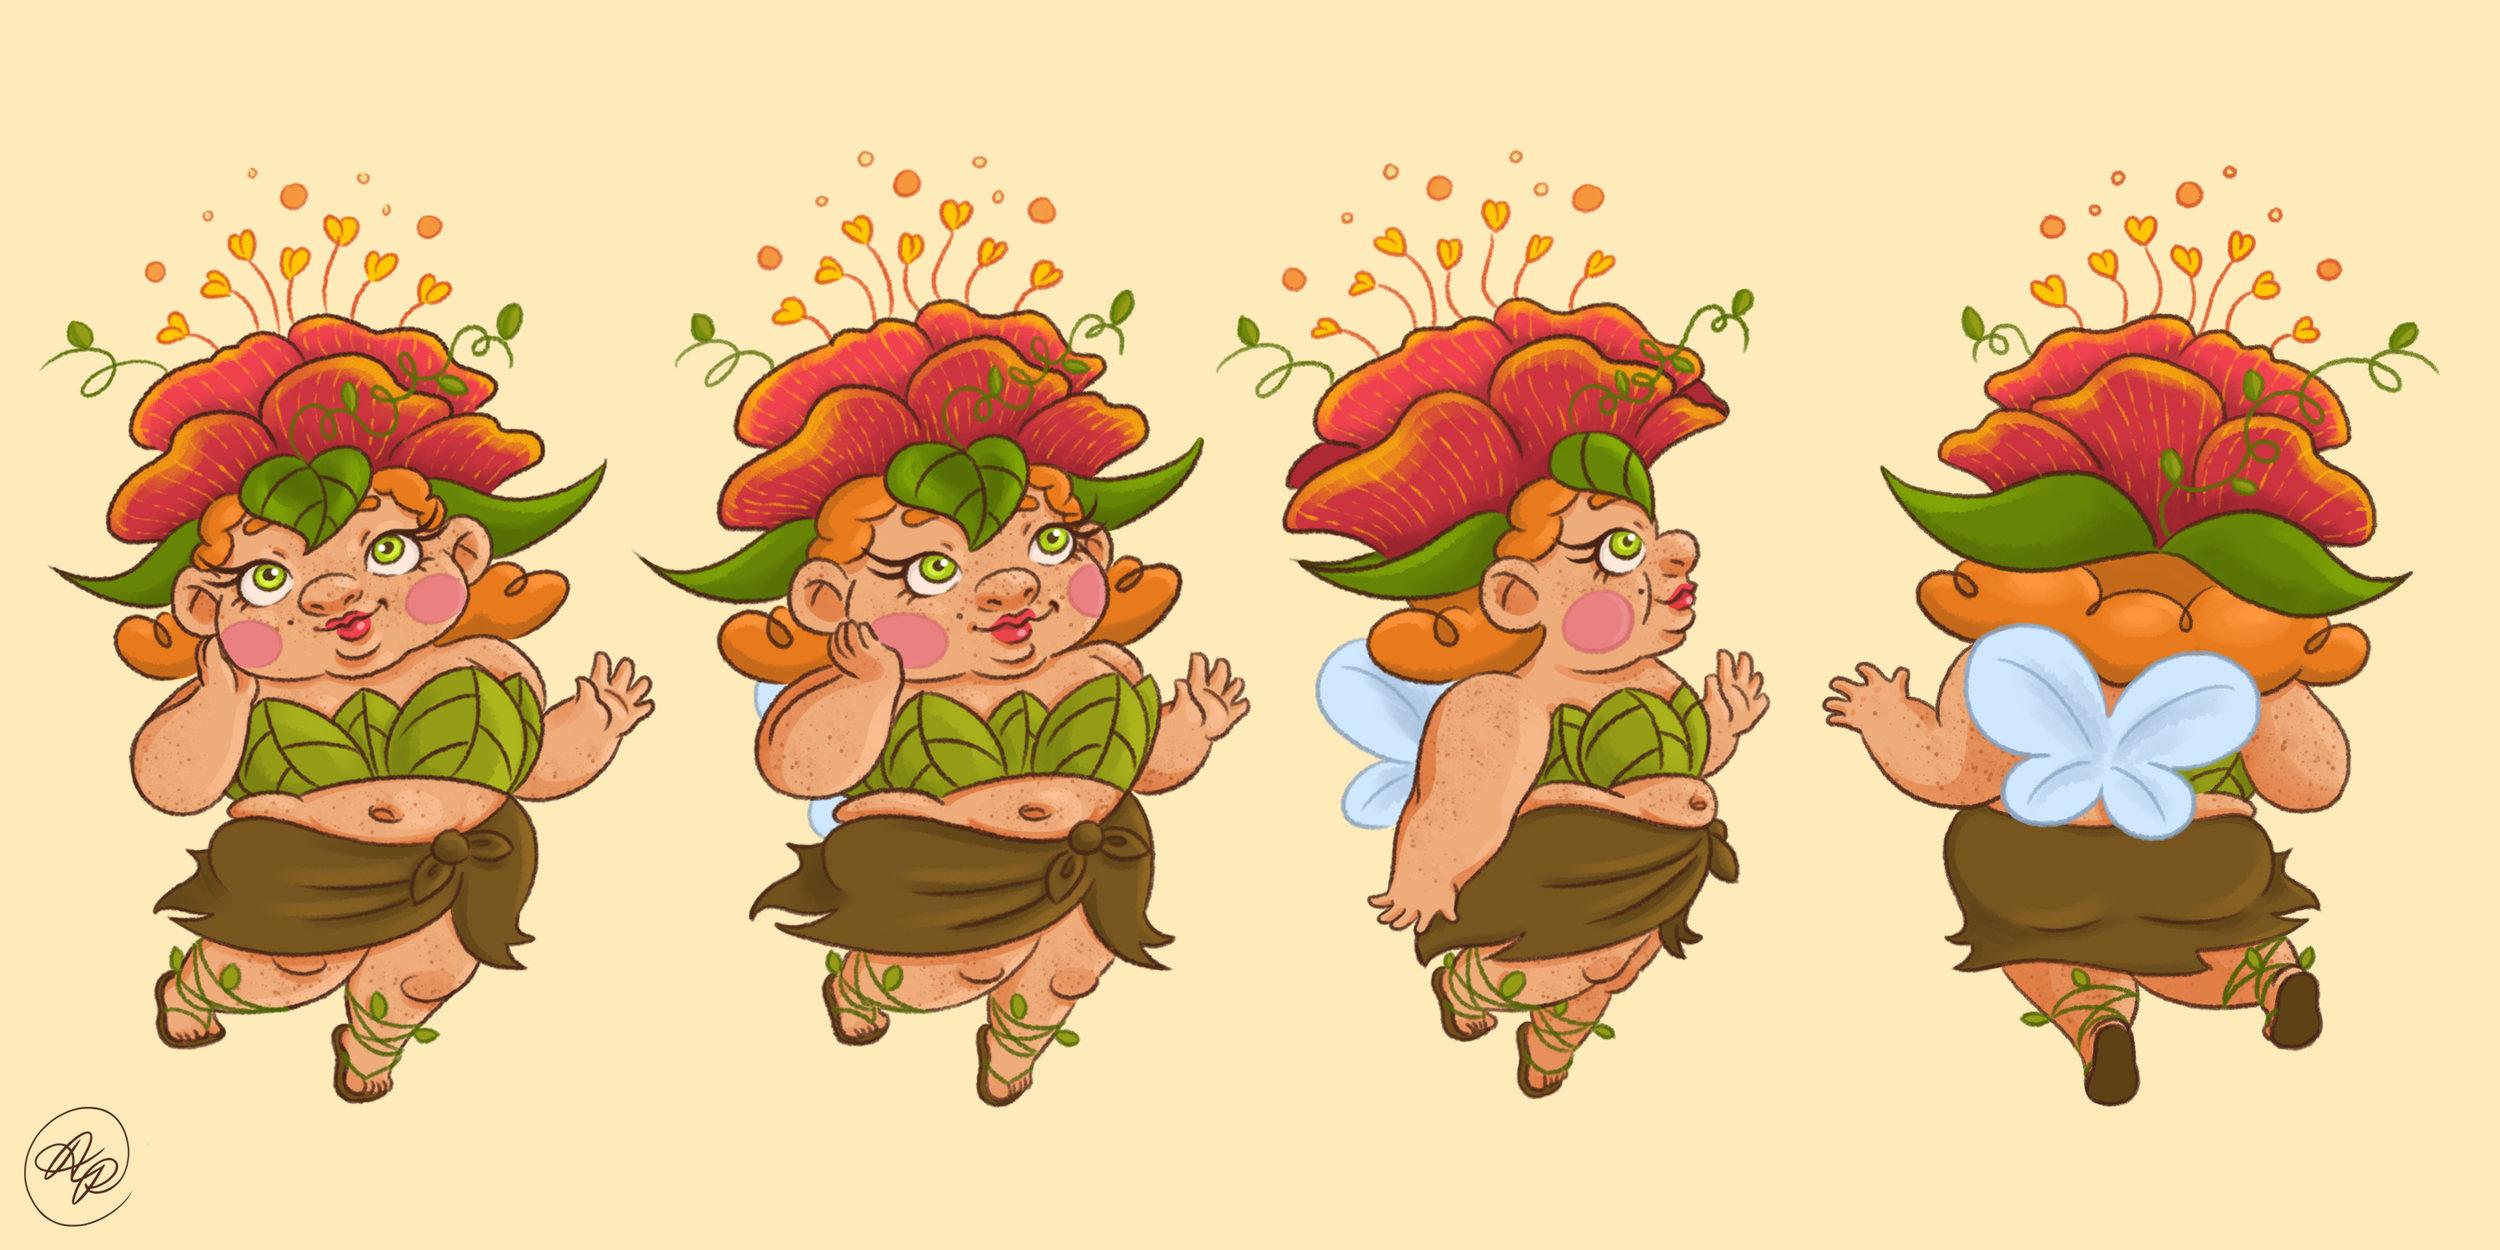 pixie character turnaround.jpg